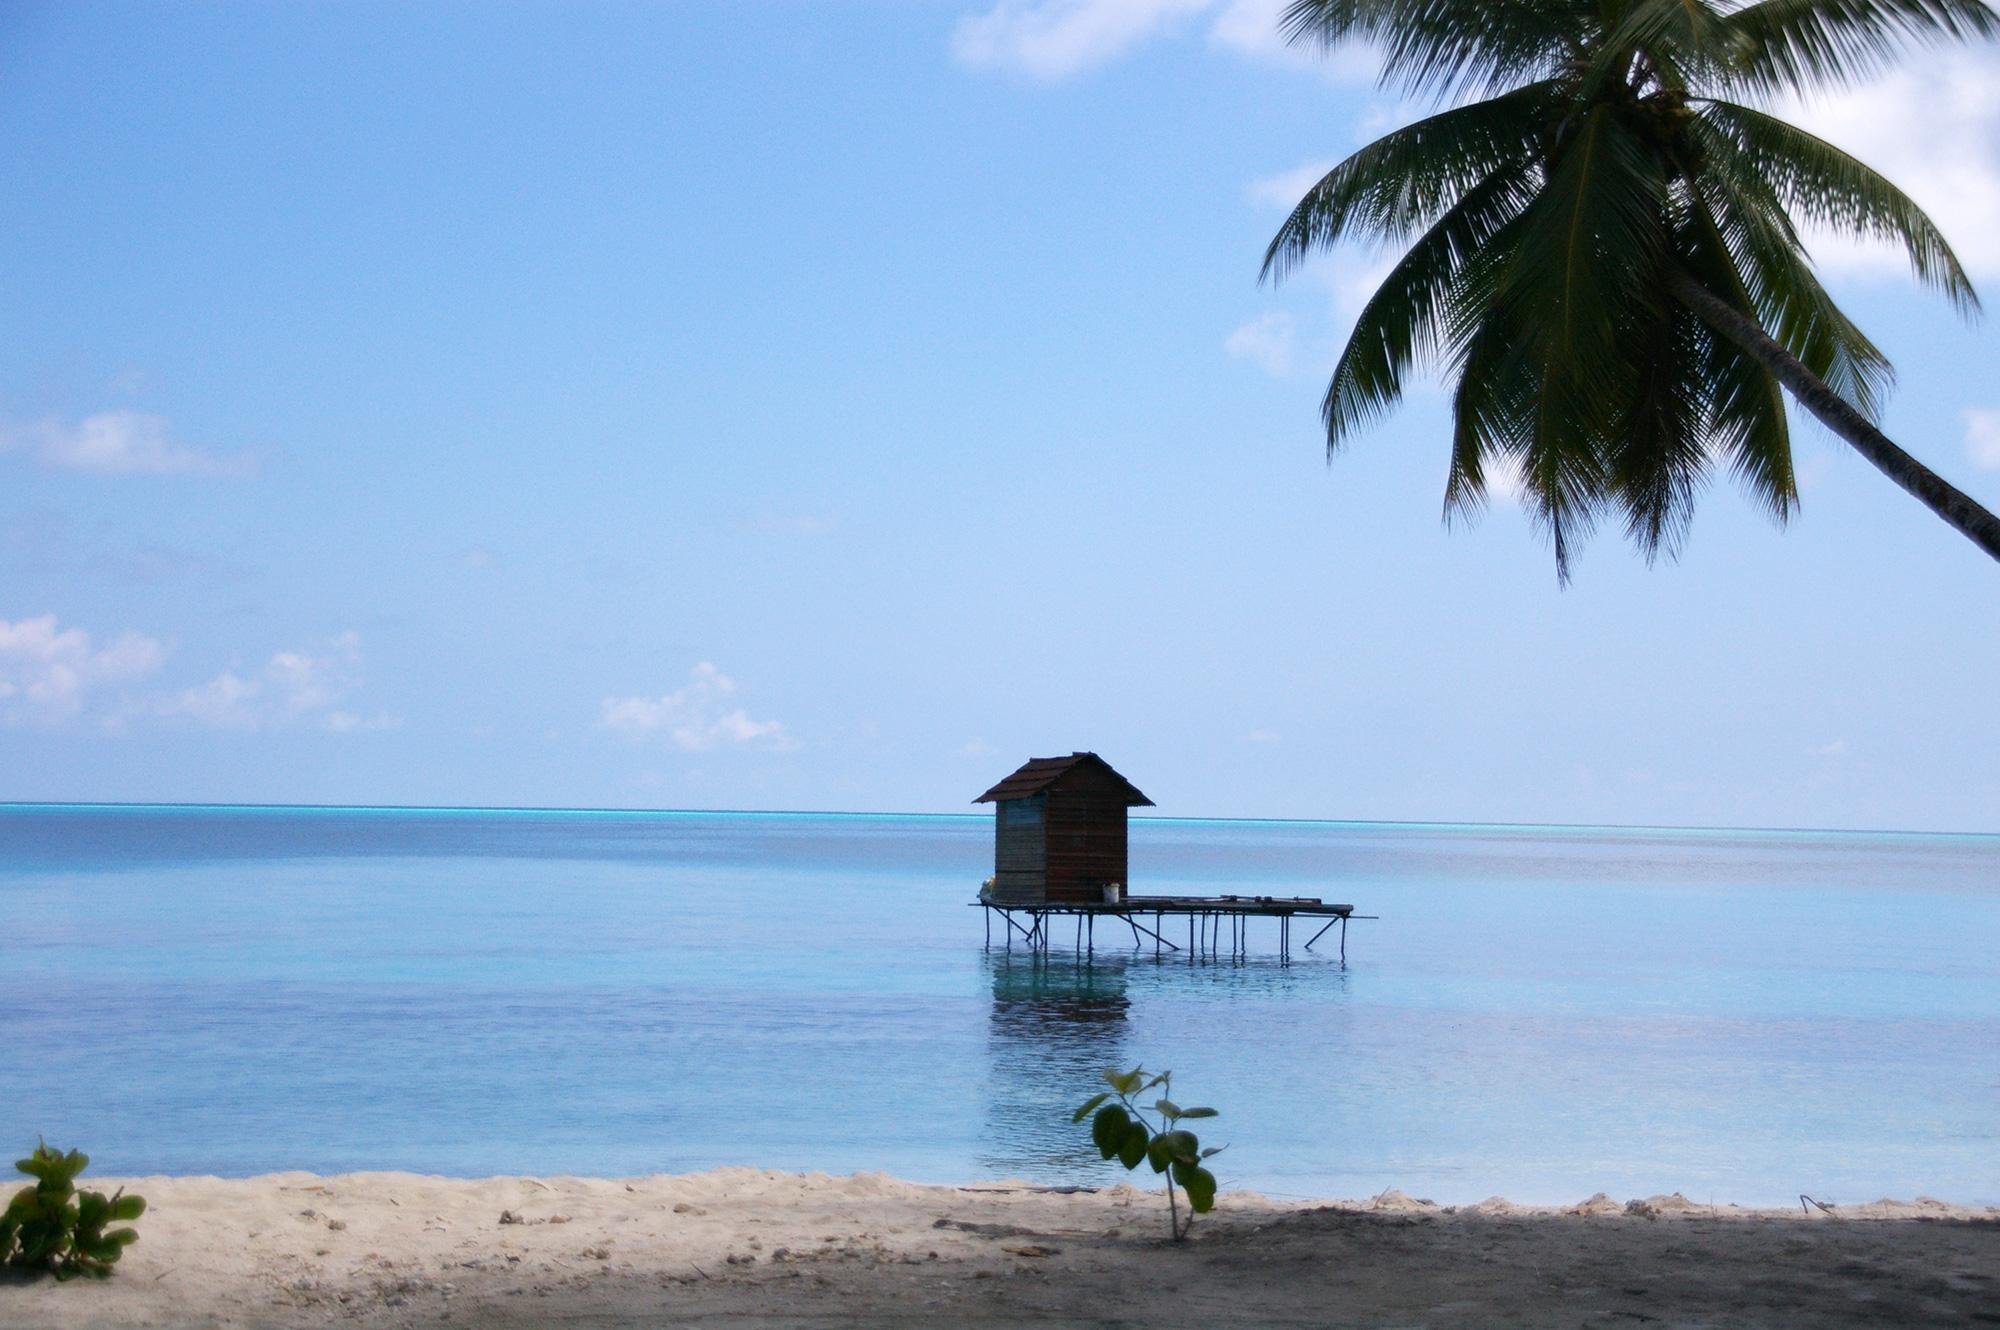 海の上の小屋のフリー写真素材